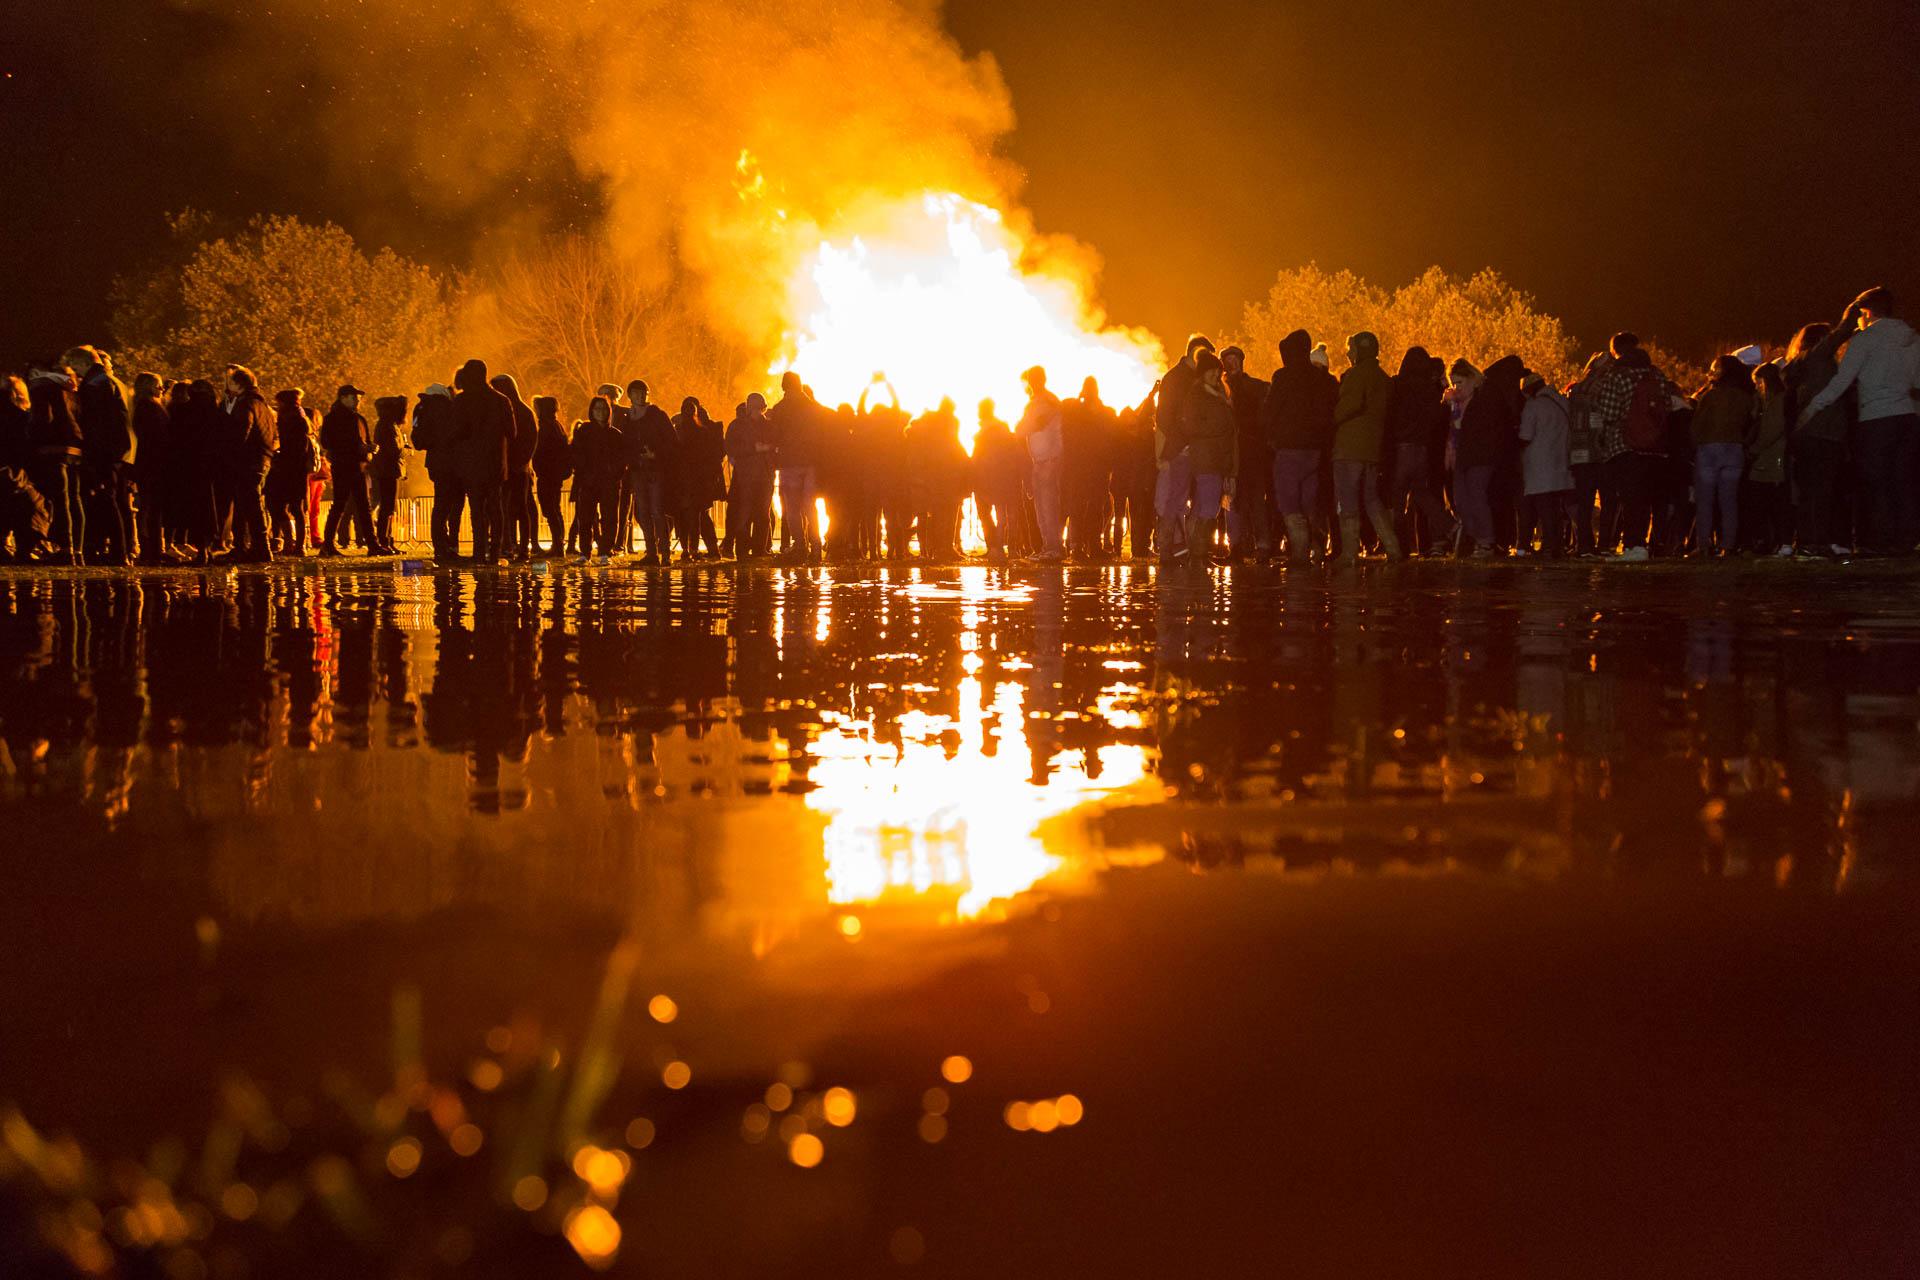 2016_11_09_ben_kepka_cultured_kiwi_Lewes_Bonfire_Night-2